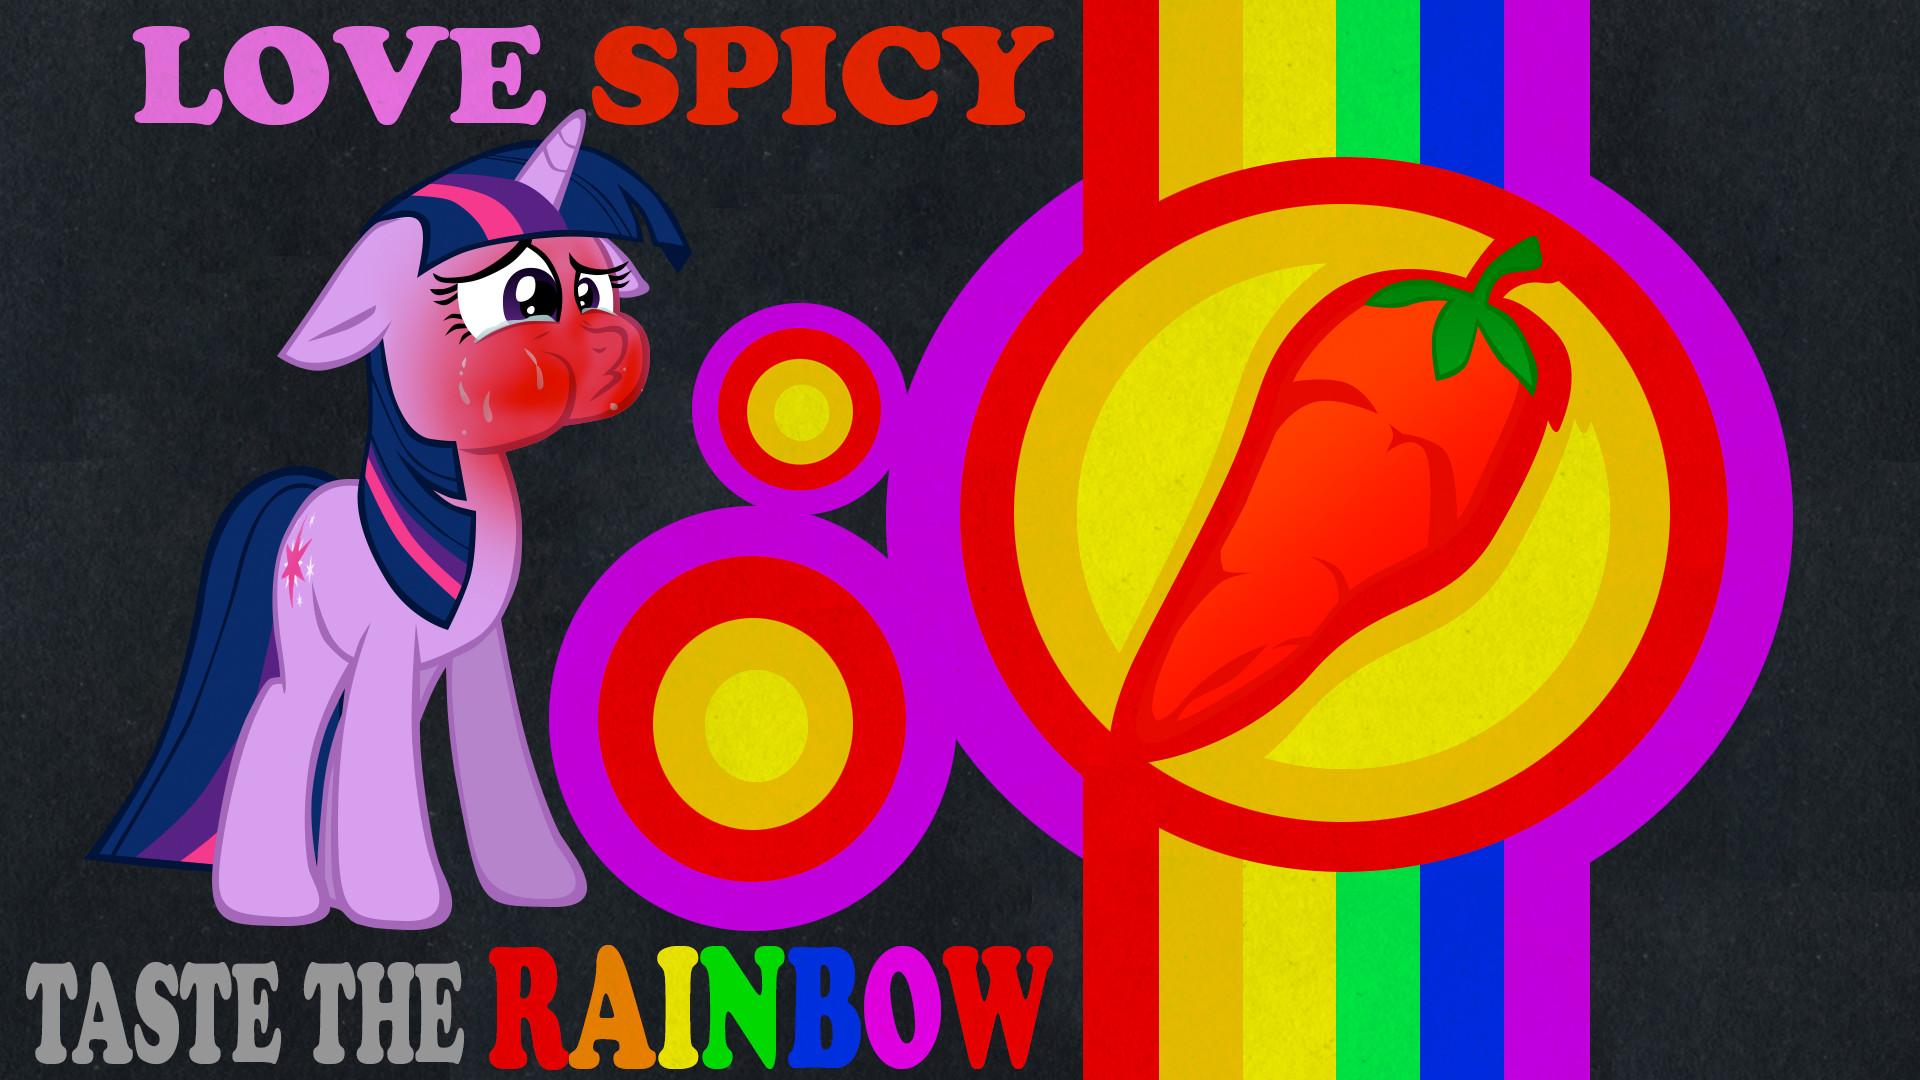 Res: 1920x1080, ... Taste the rainbow Twilight wallpaper dark by rhubarb-leaf